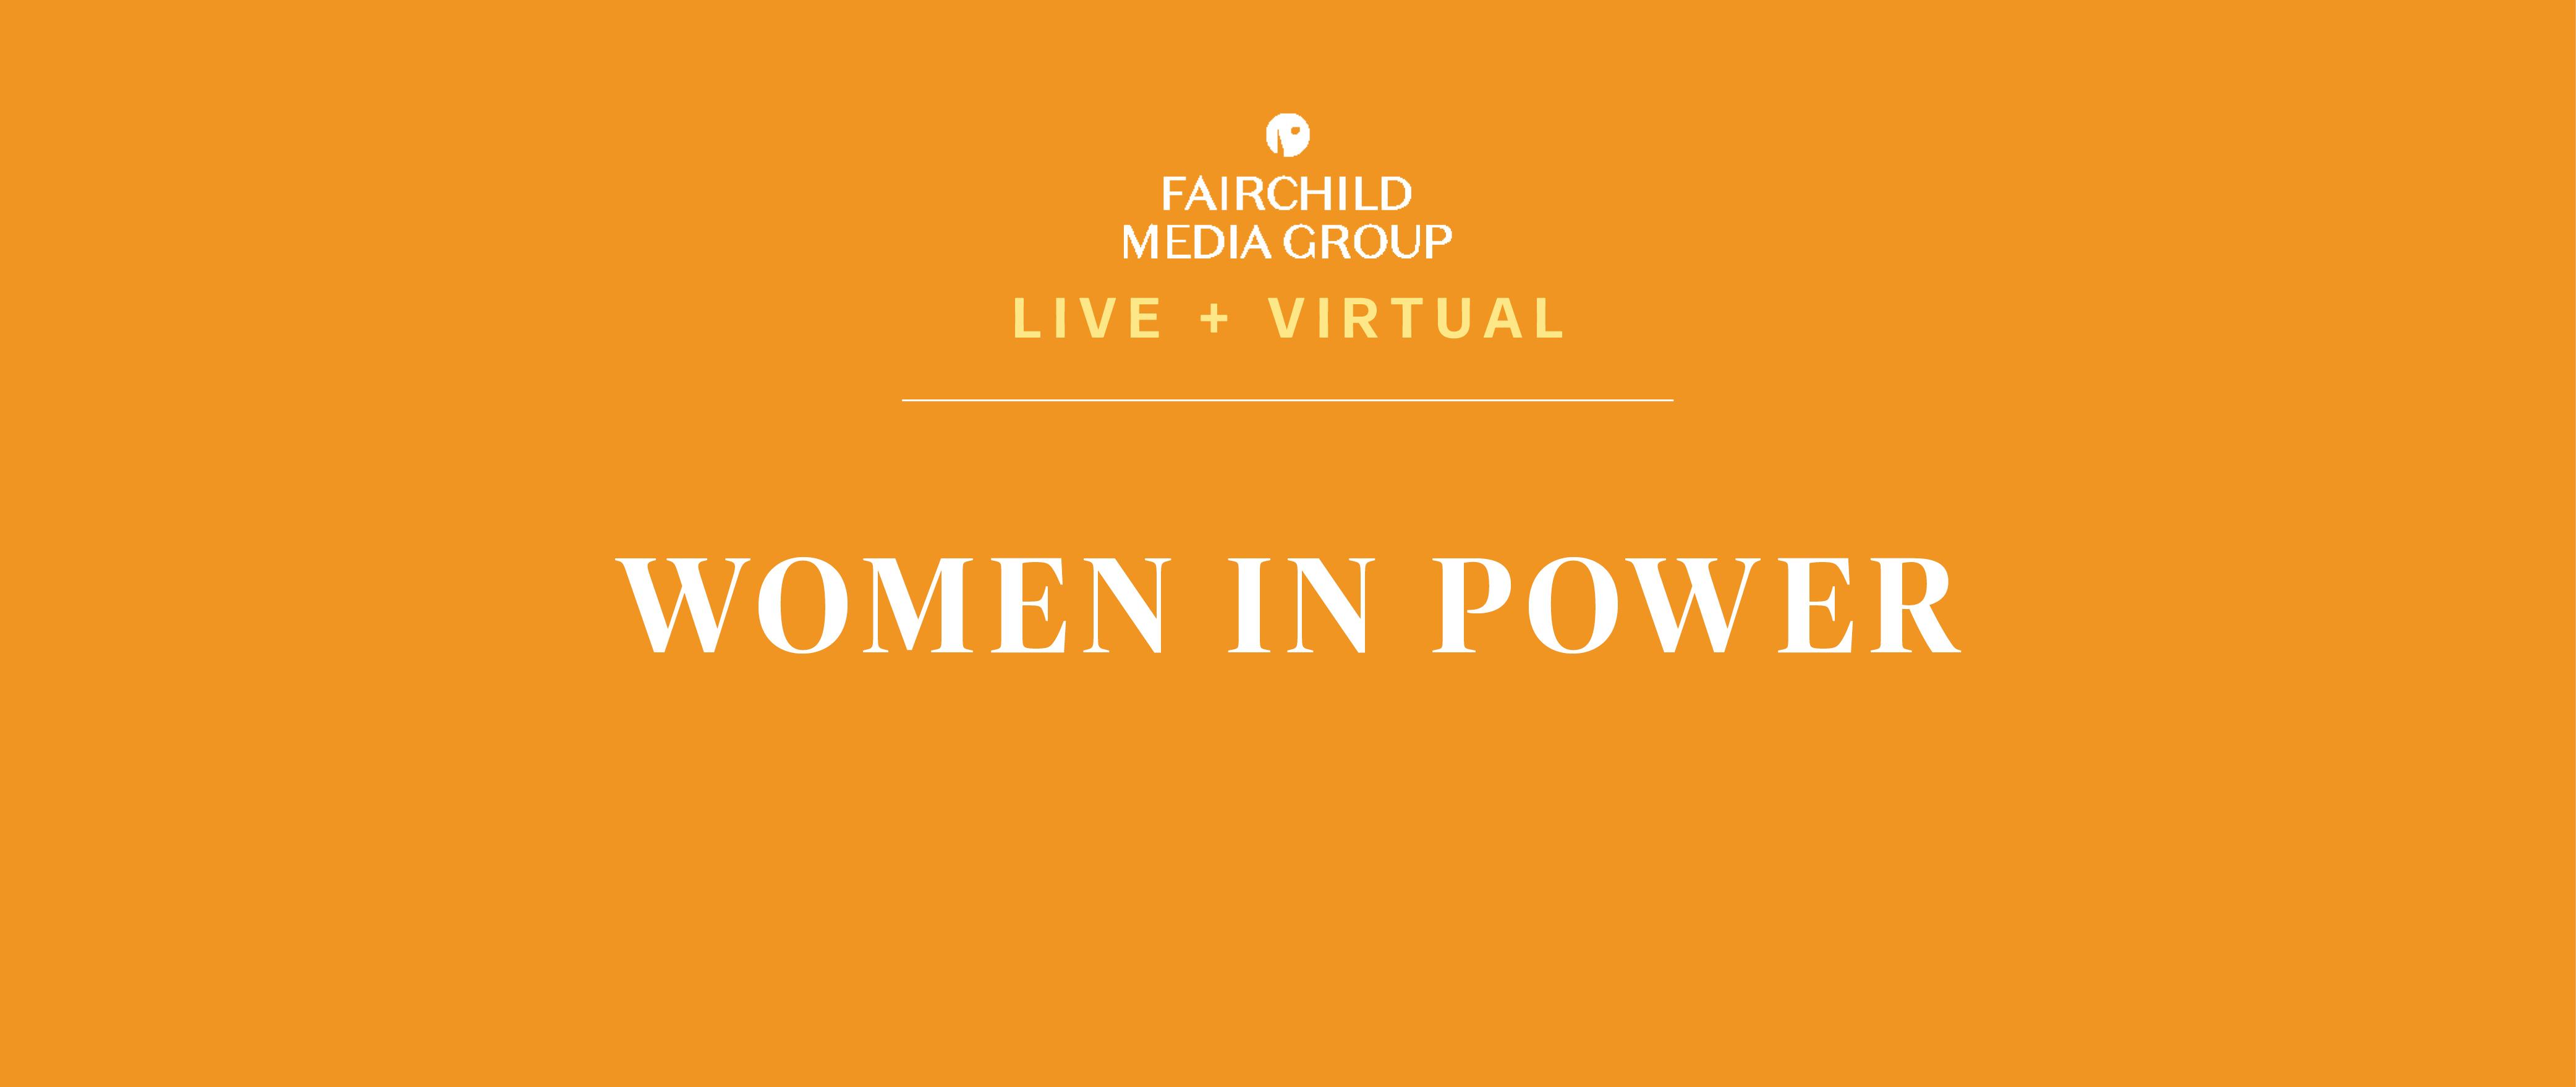 FMG Women in Power